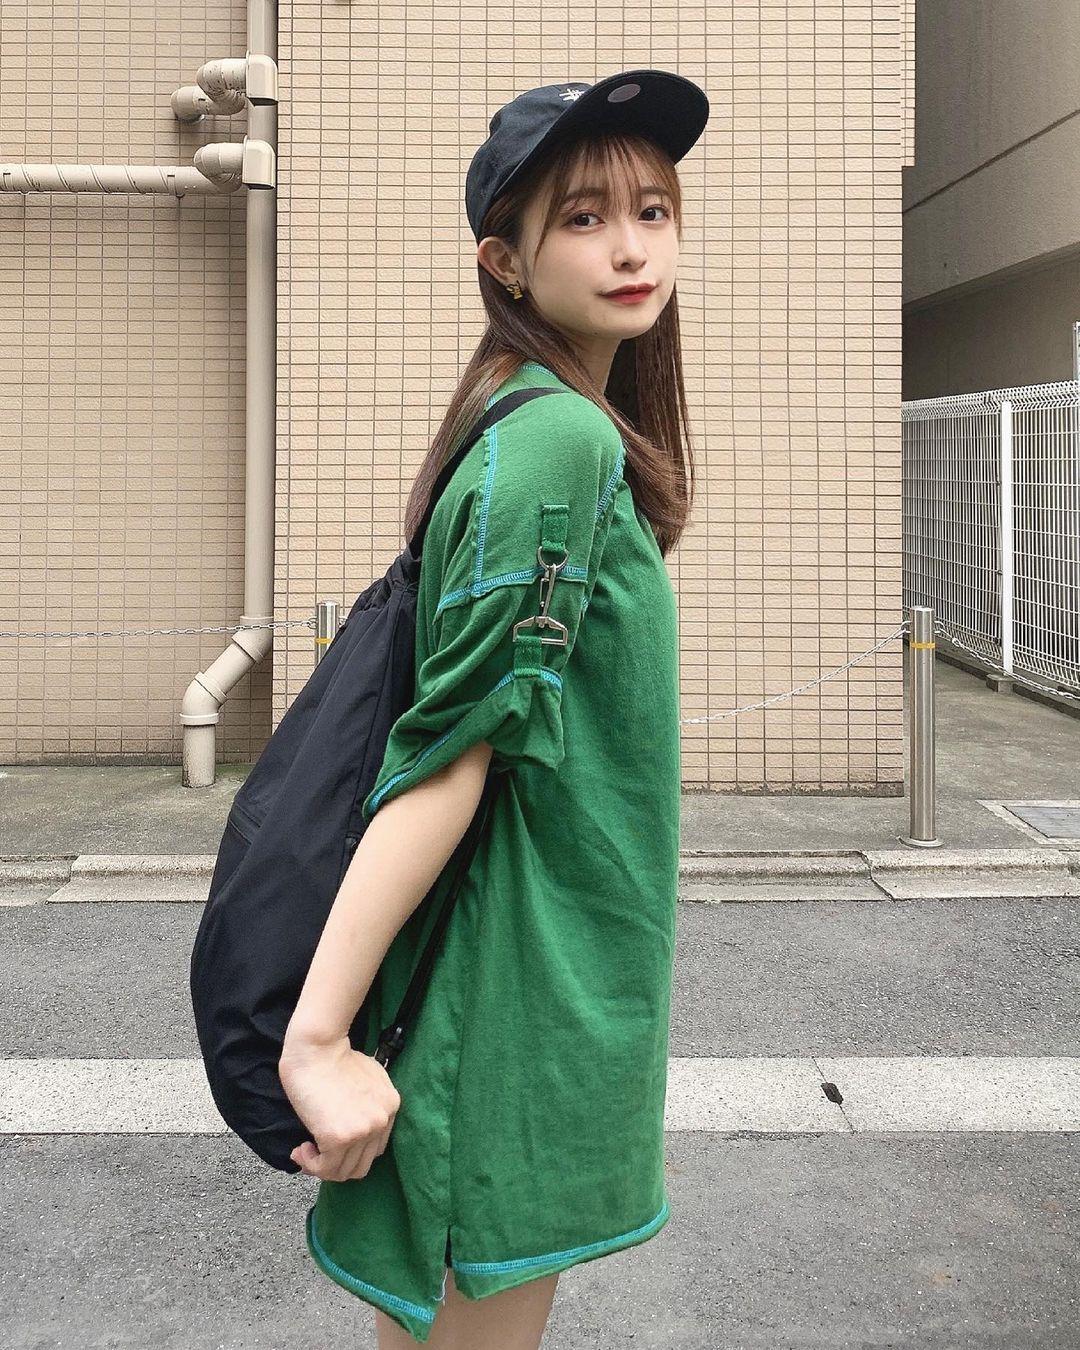 可爱即正义!148公分E小只马「早川渚纱」想把她给捧在怀中啊-新图包